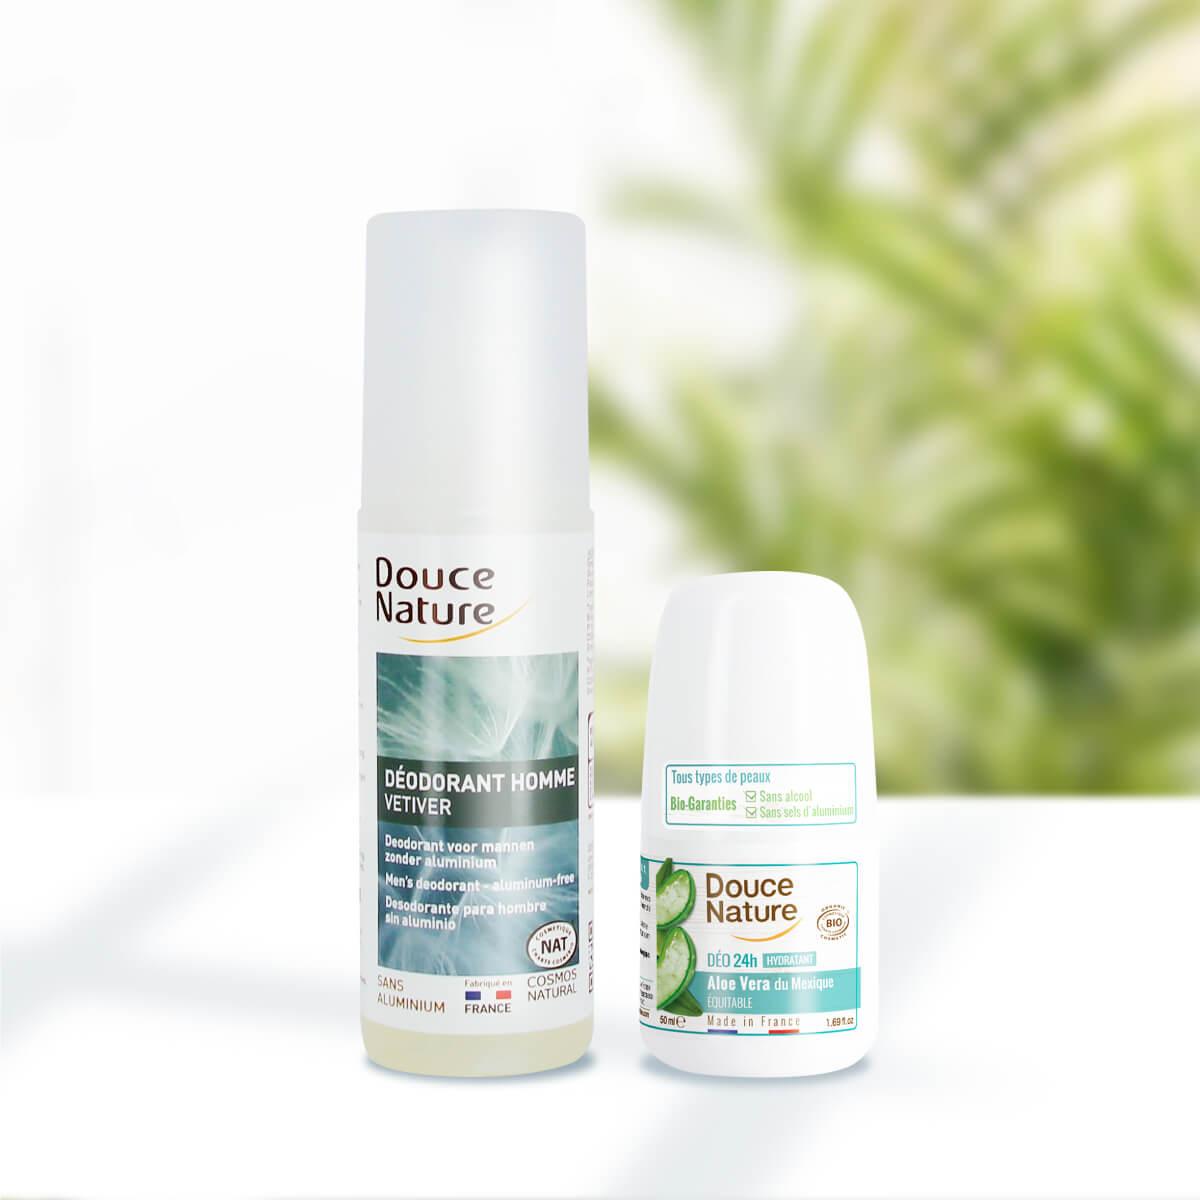 法國Douce Nature地恩全方位個人保養用品,採自有機公平貿易原料。Douce Nature針對不同的膚質及使用習慣,設計了護膚、護髮、體香劑等保養用品。